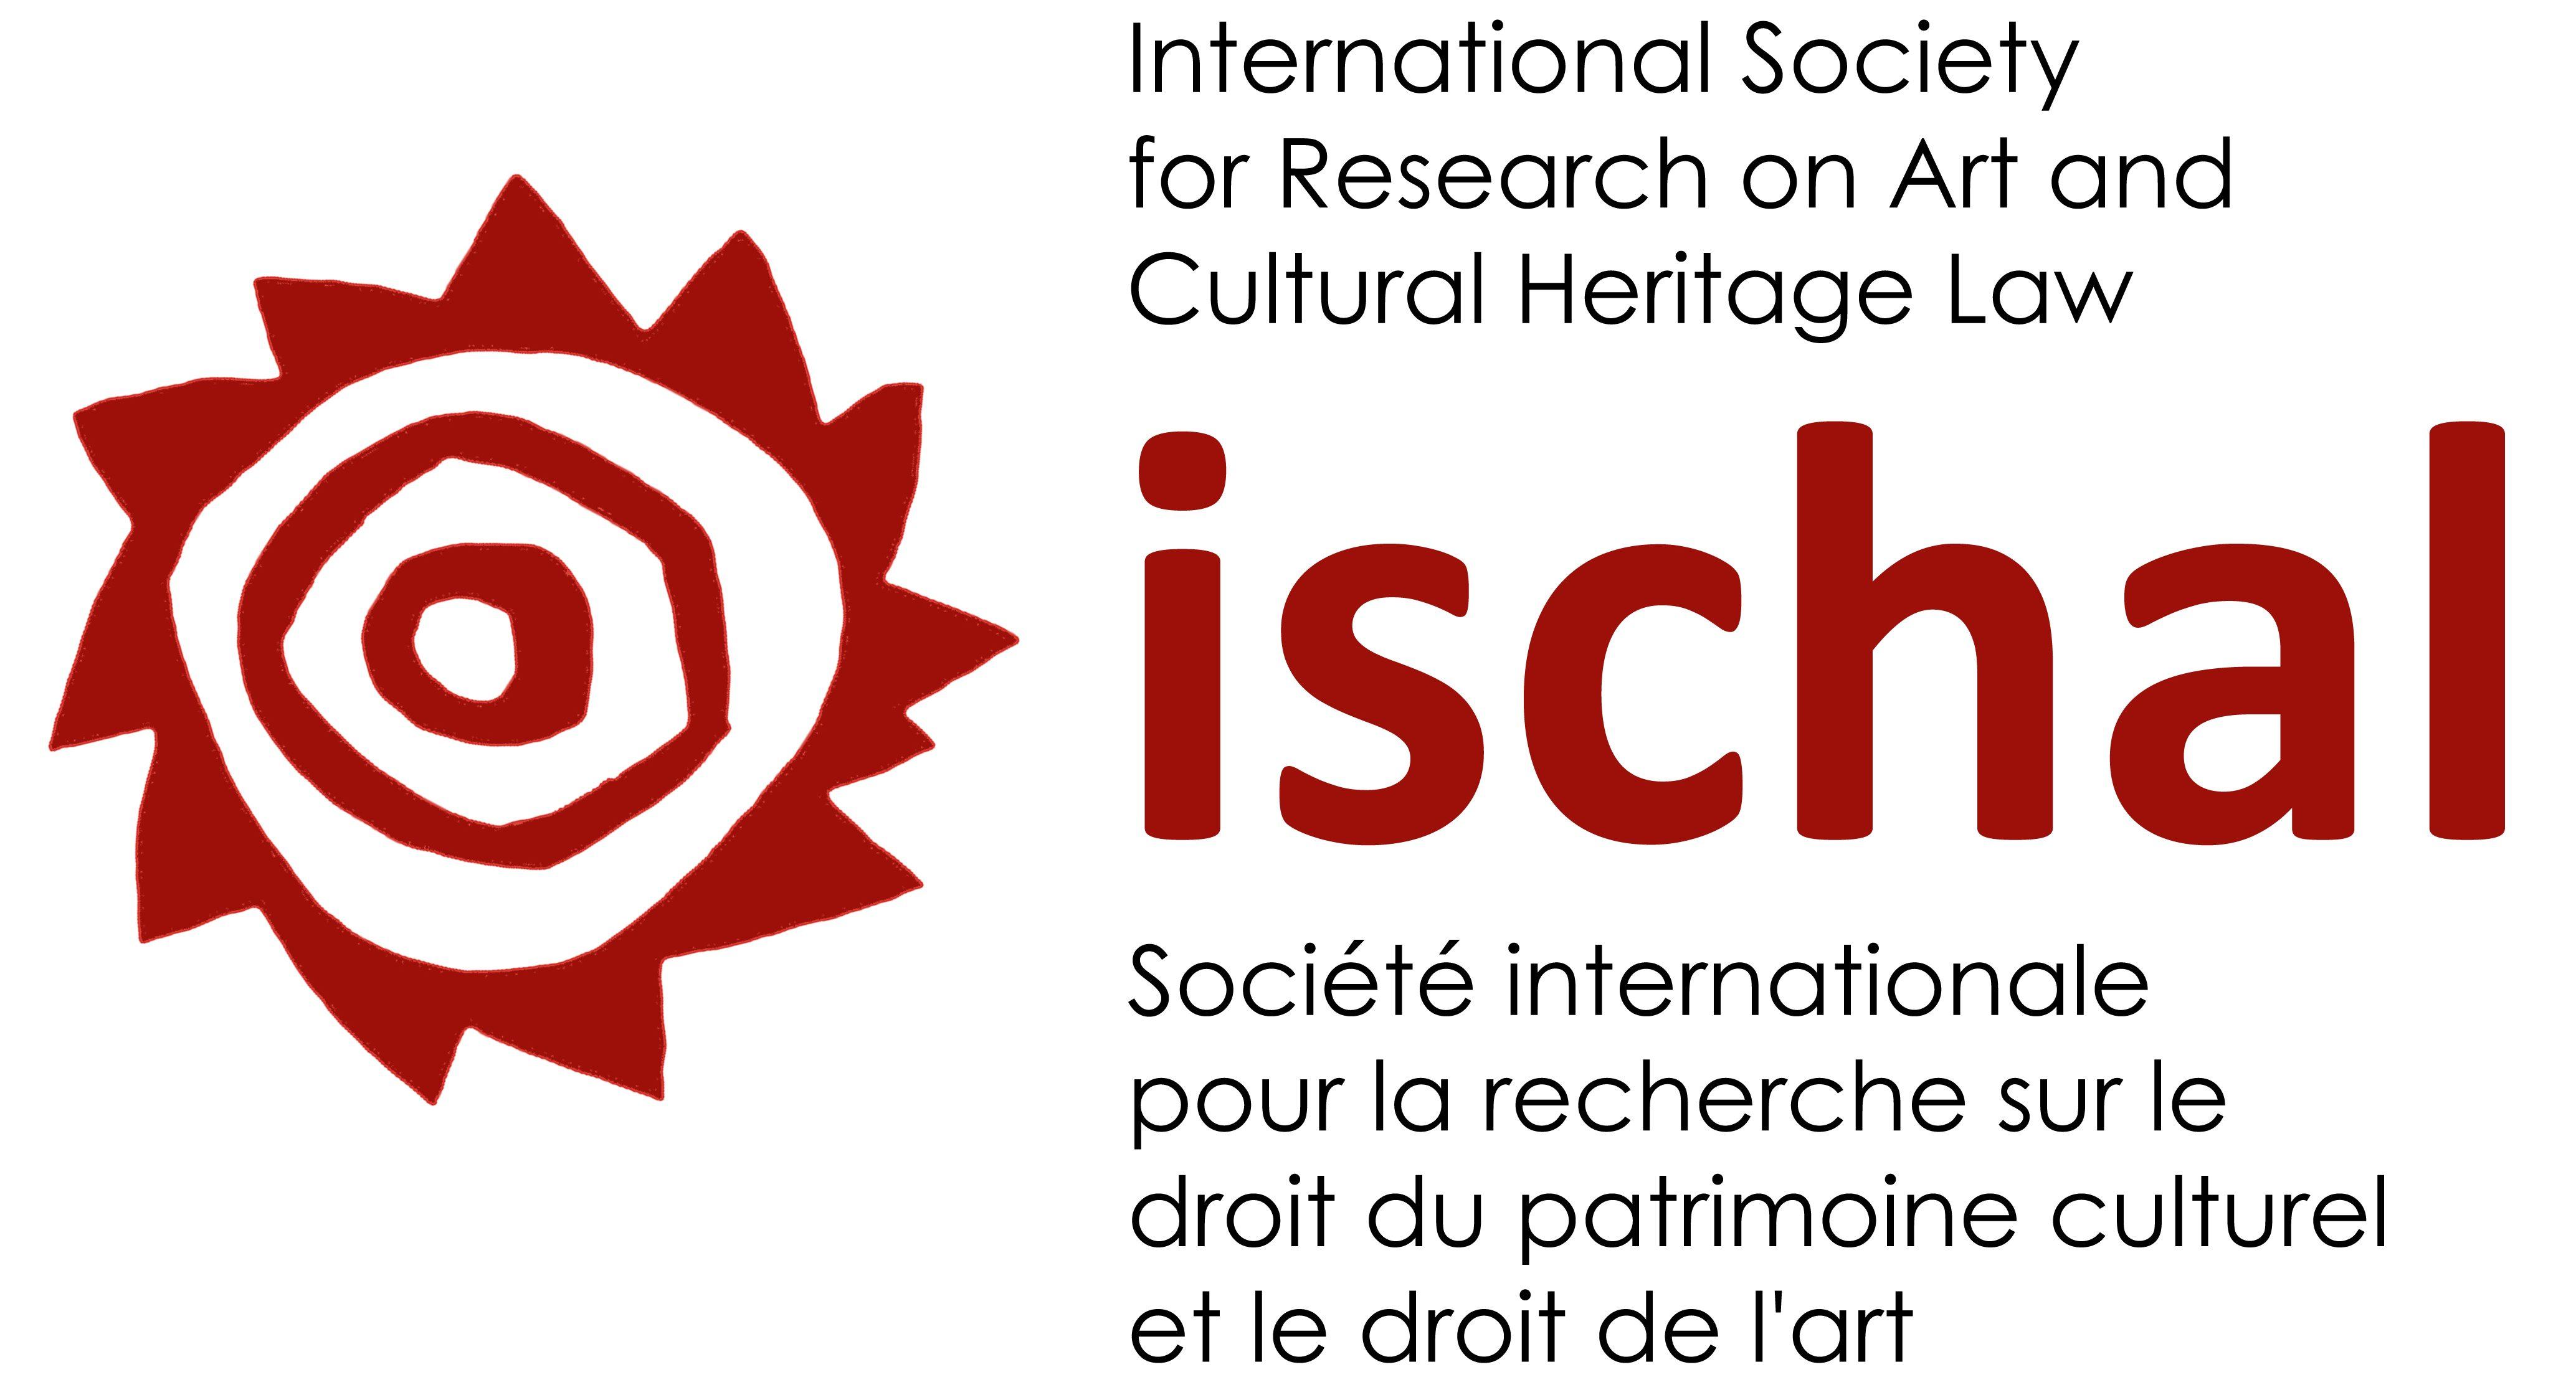 Société internationale pour la recherche sur le droit du patrimoine culturel et le droit de l'art